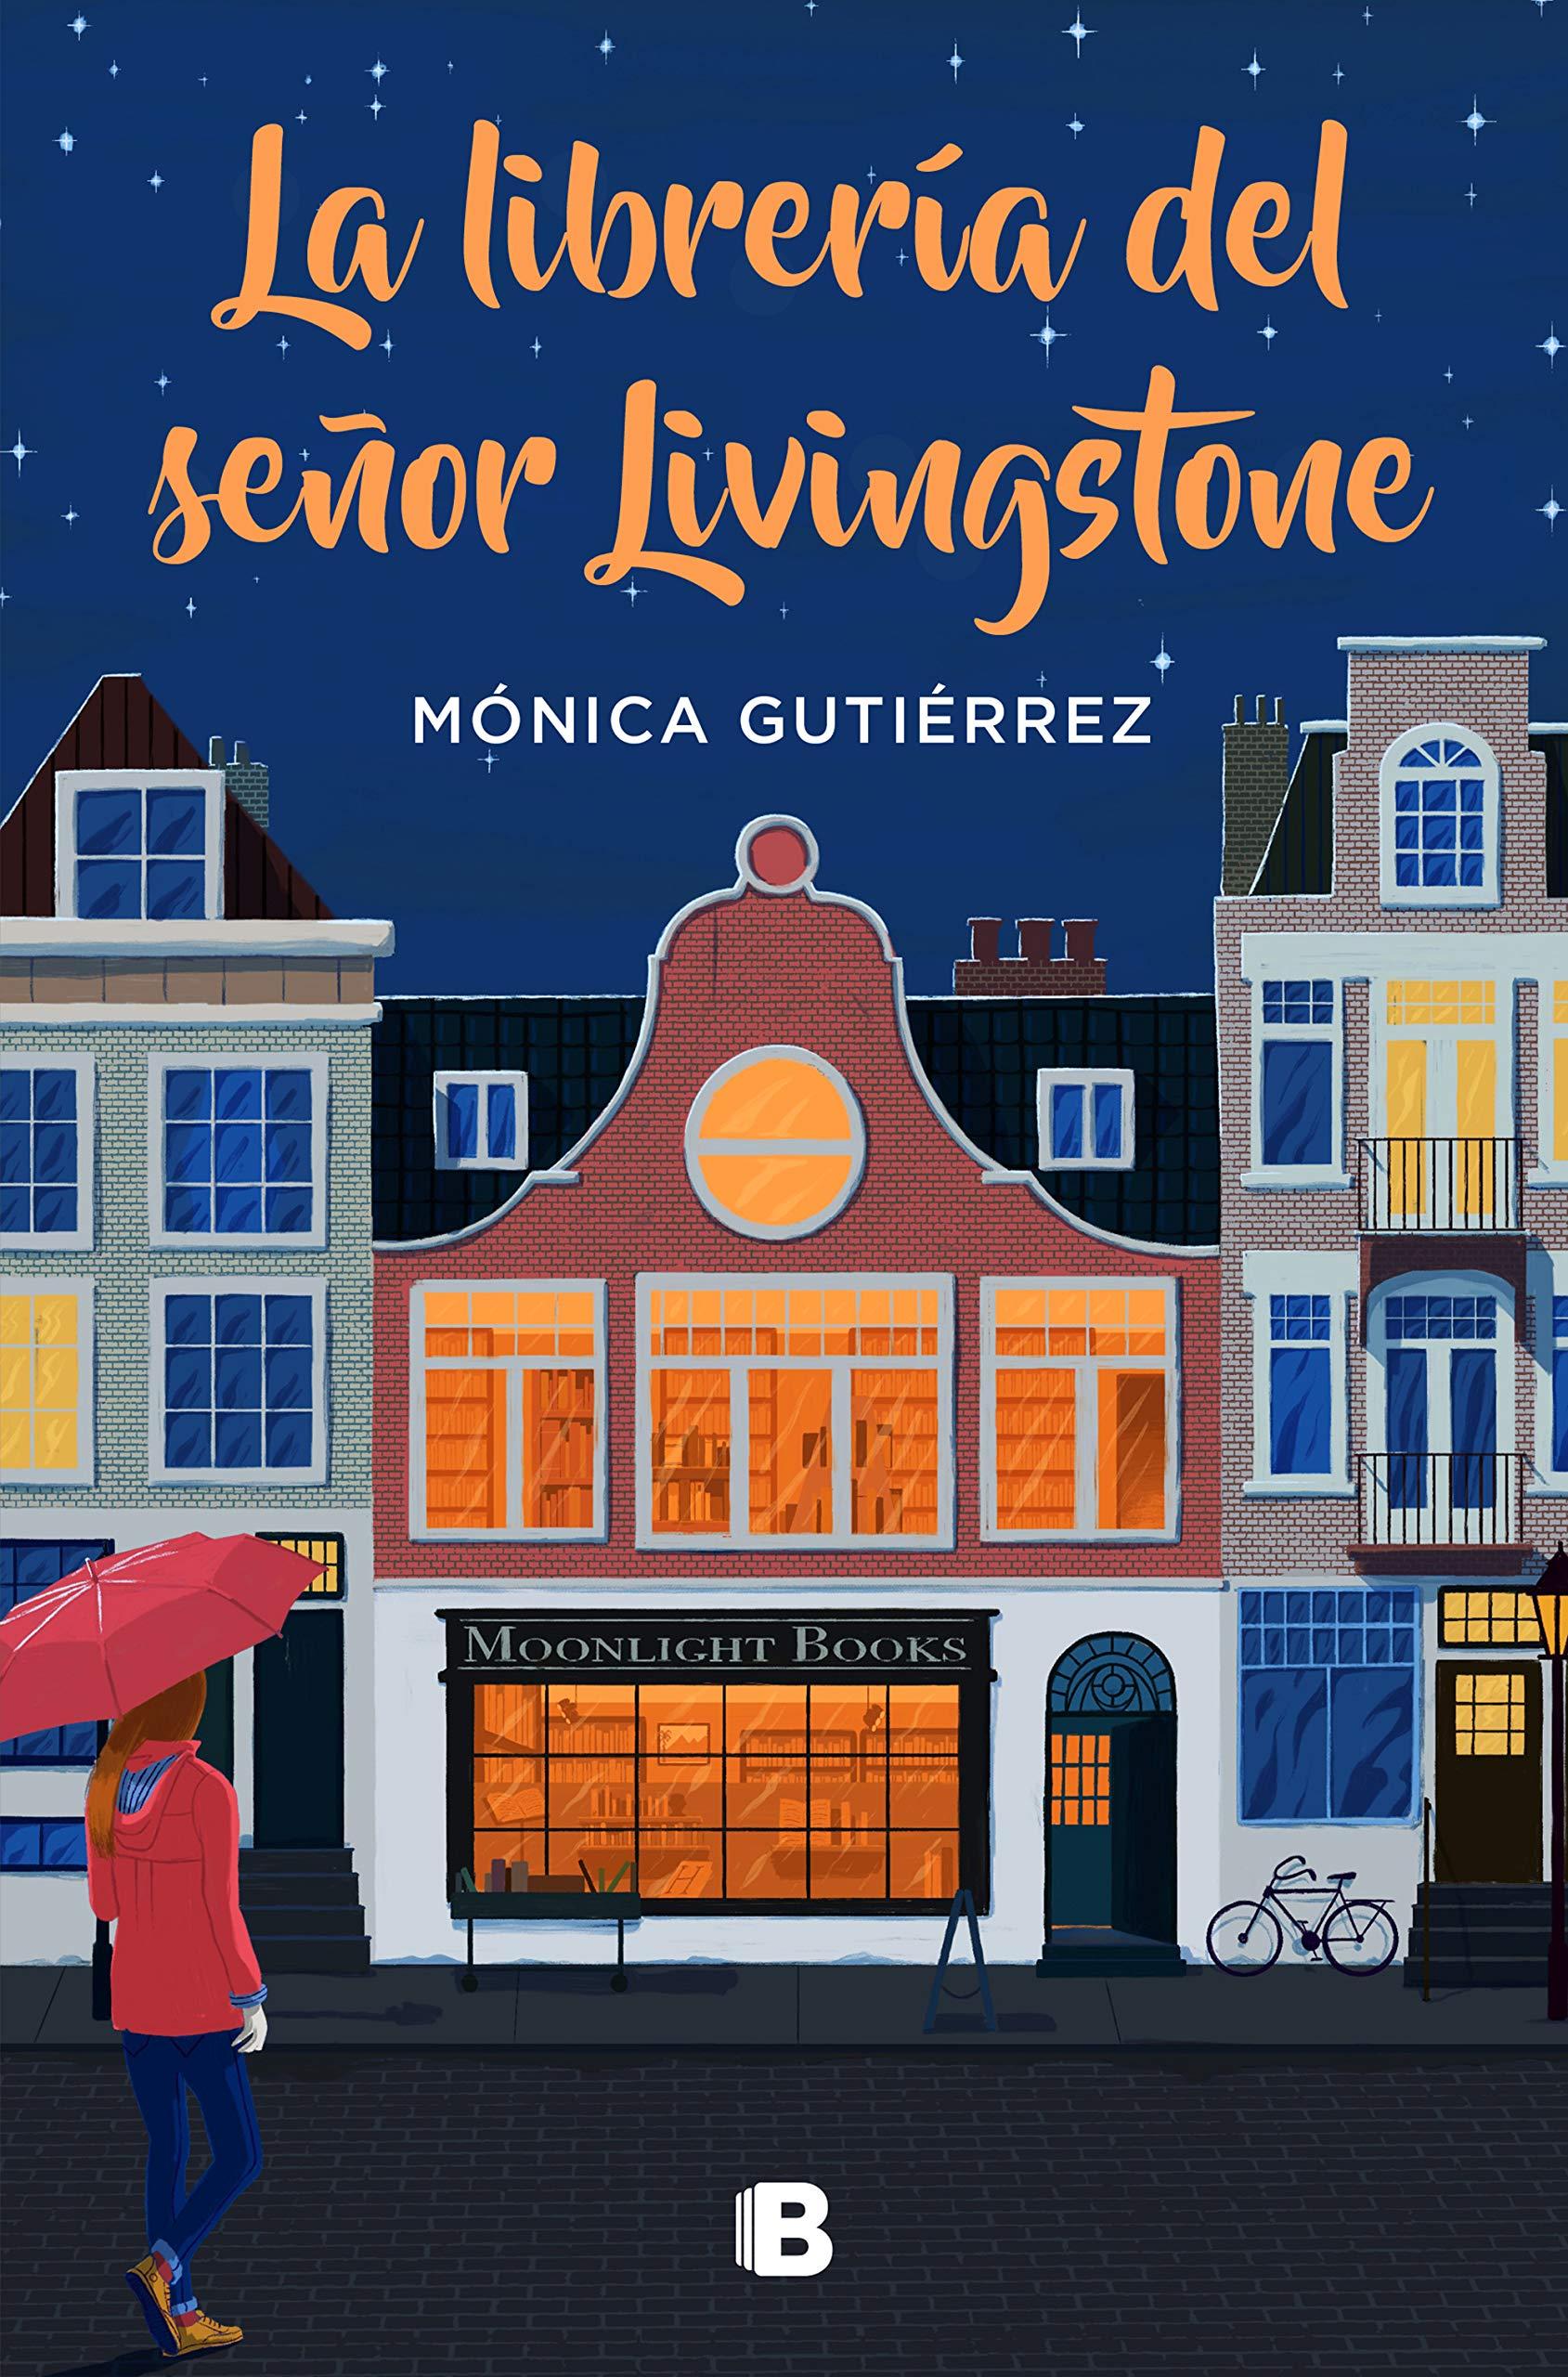 La librería del señor Livingstone (Ediciones B): Amazon.es: Gutiérrez, Mónica: Libros